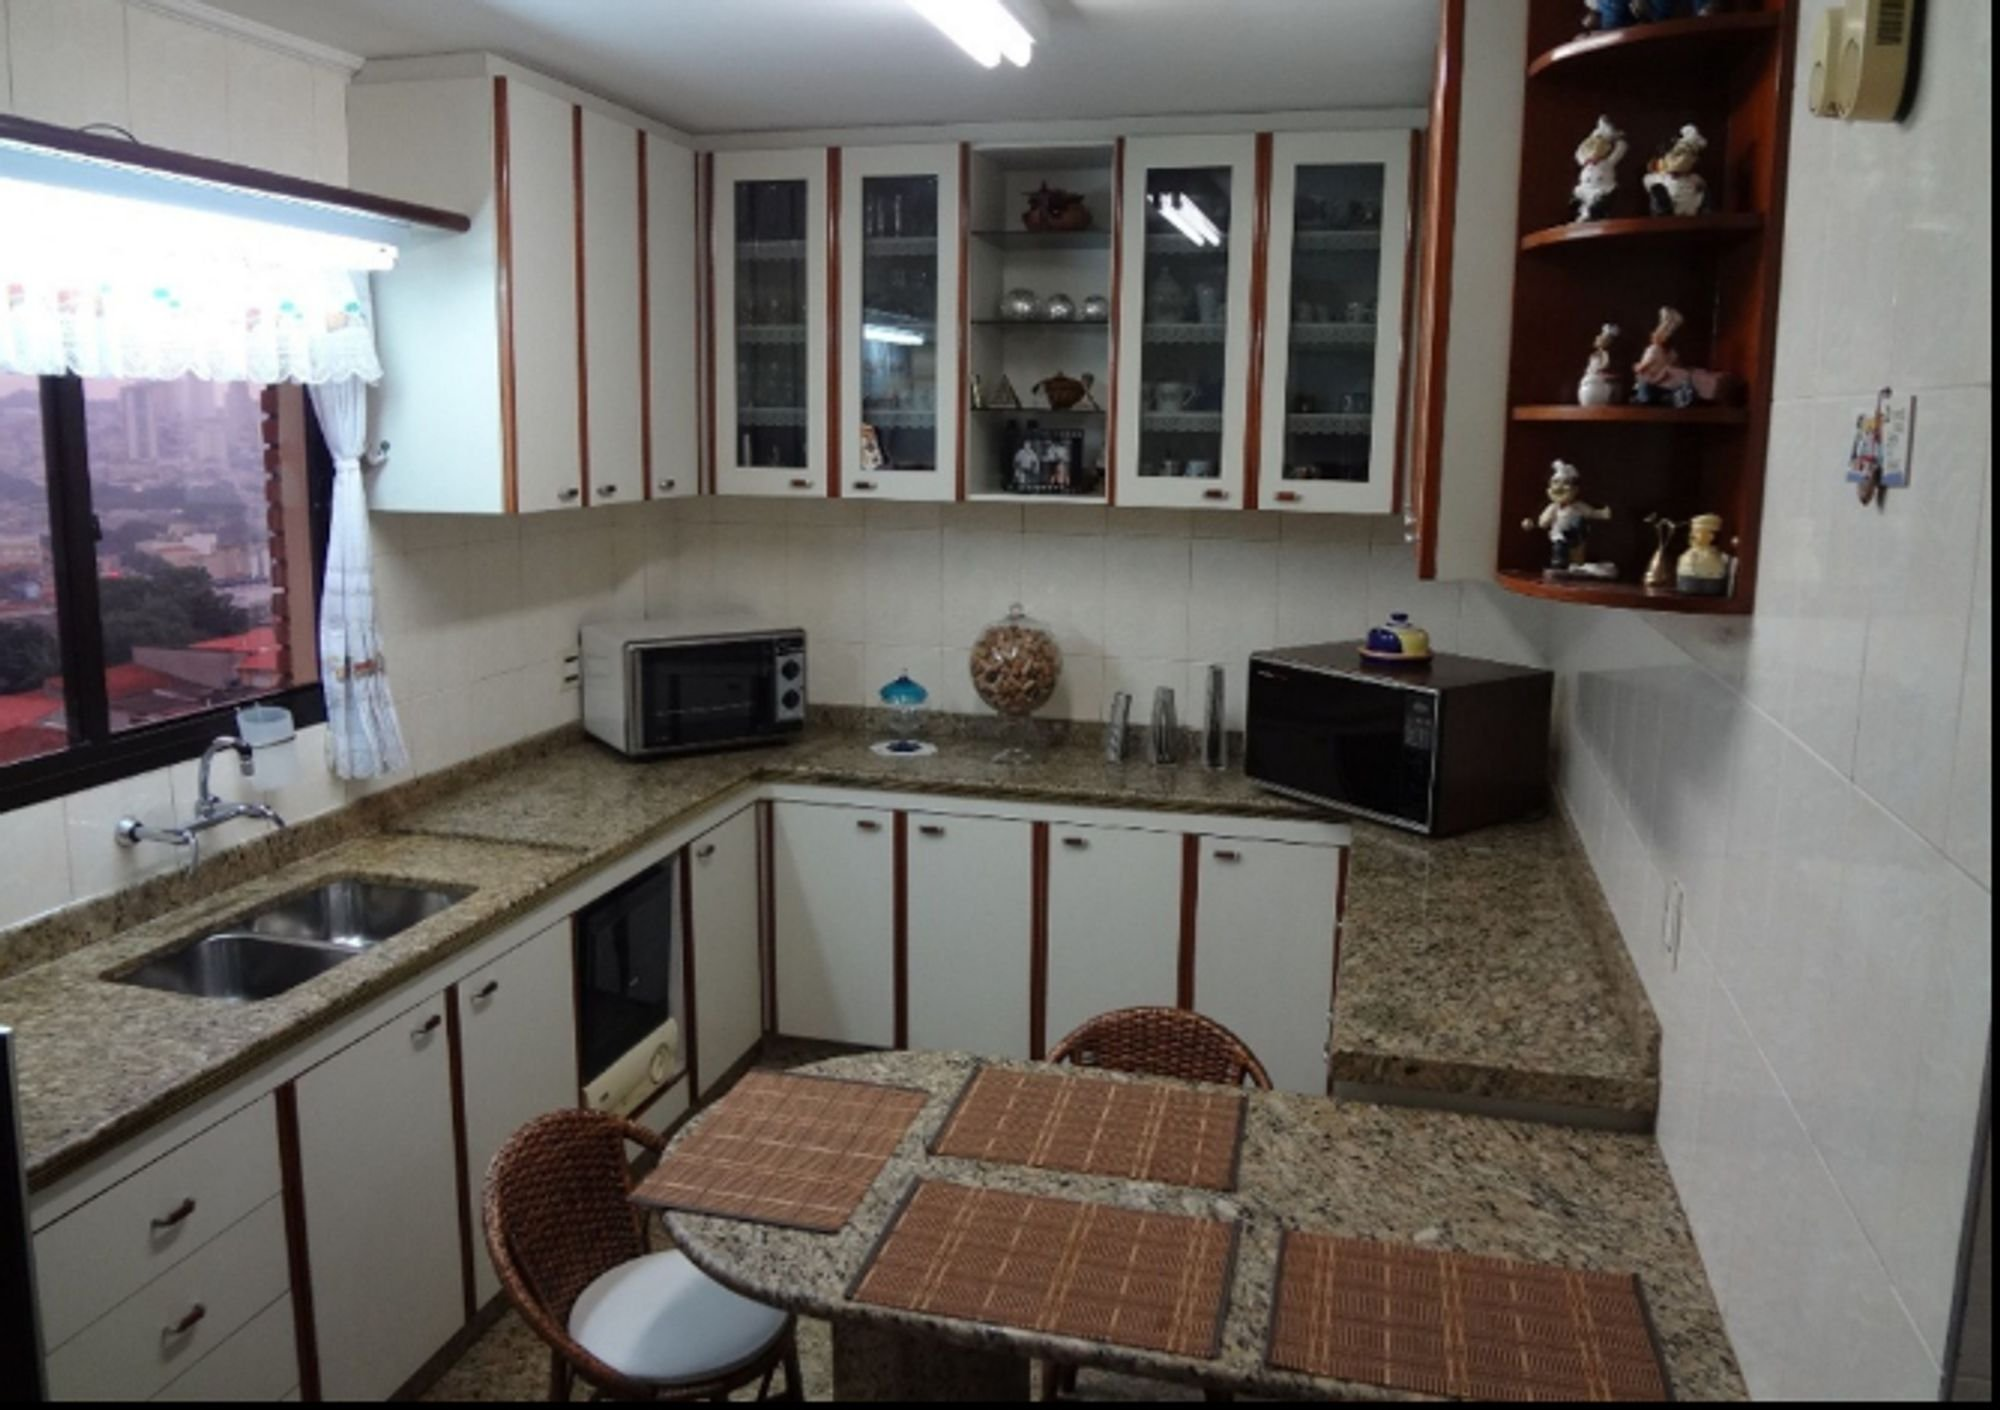 Foto de Cozinha com garrafa, pia, cadeira, microondas, mesa de jantar